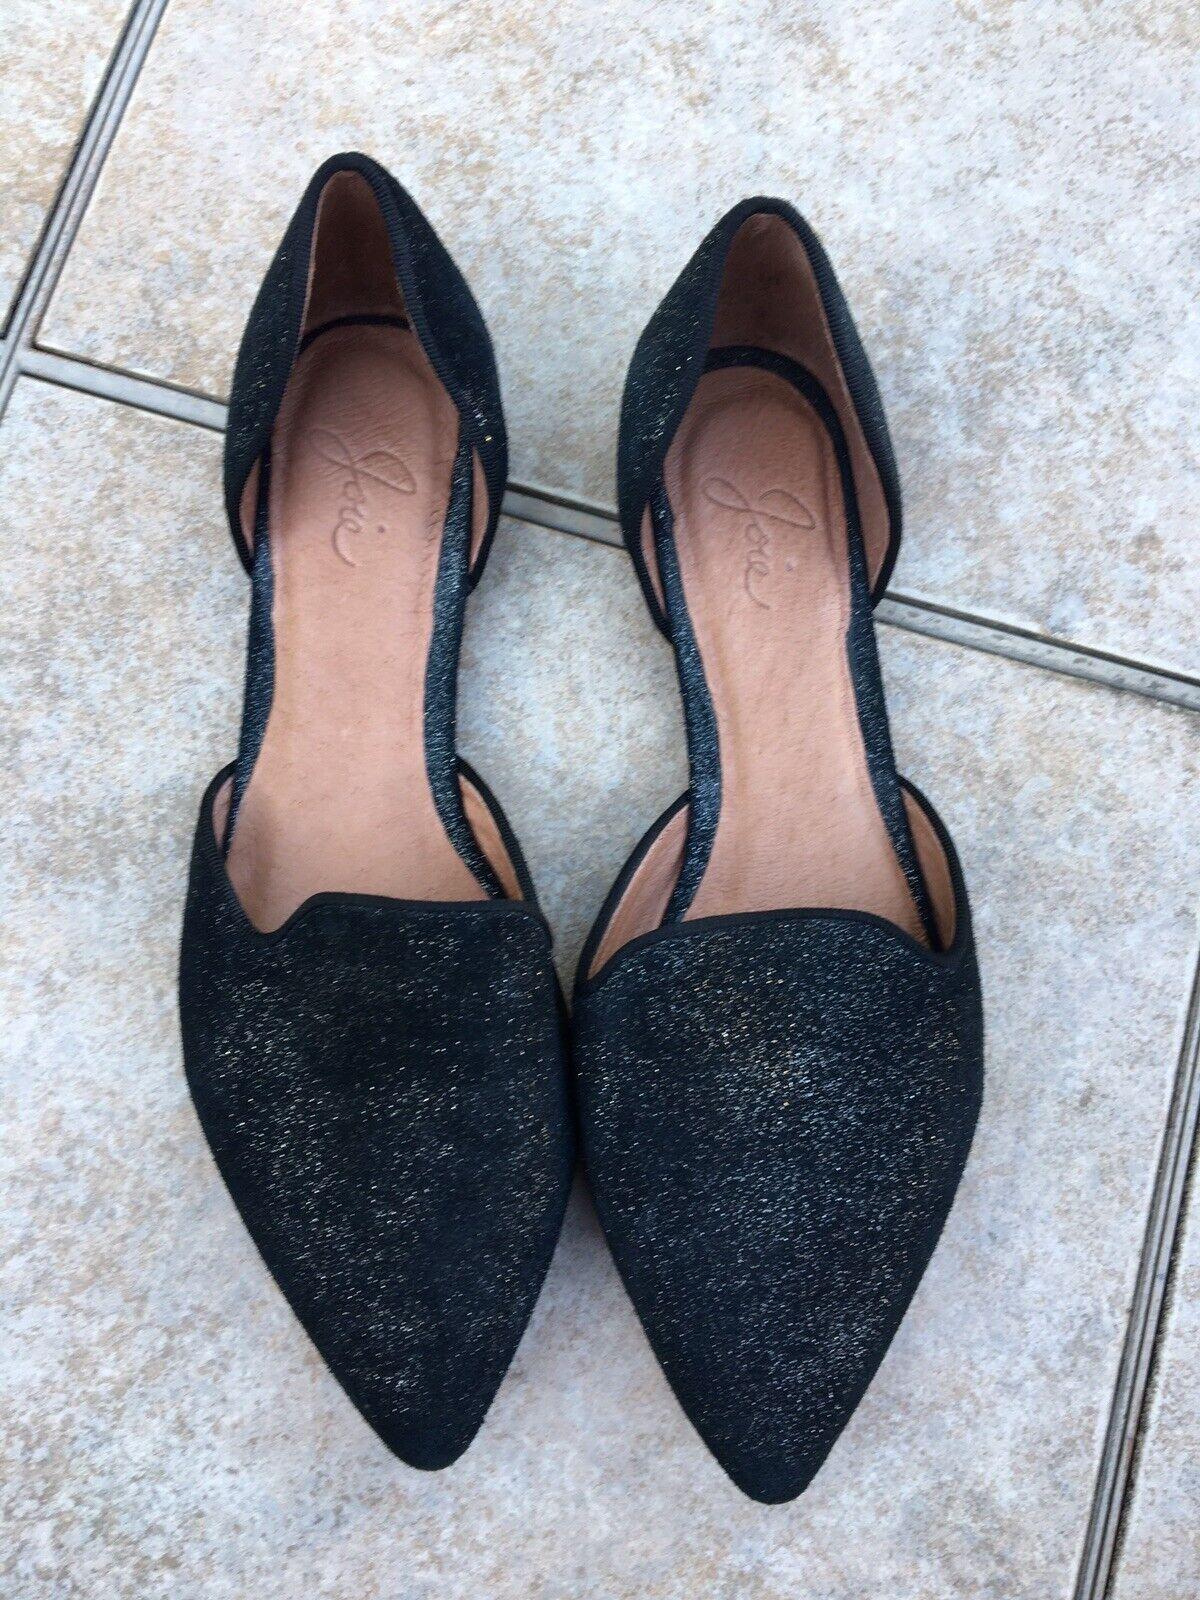 Joie donna Kidmore  Leather Low Top Casual Slip -On scarpe BHFO 0559  negozio fa acquisti e vendite